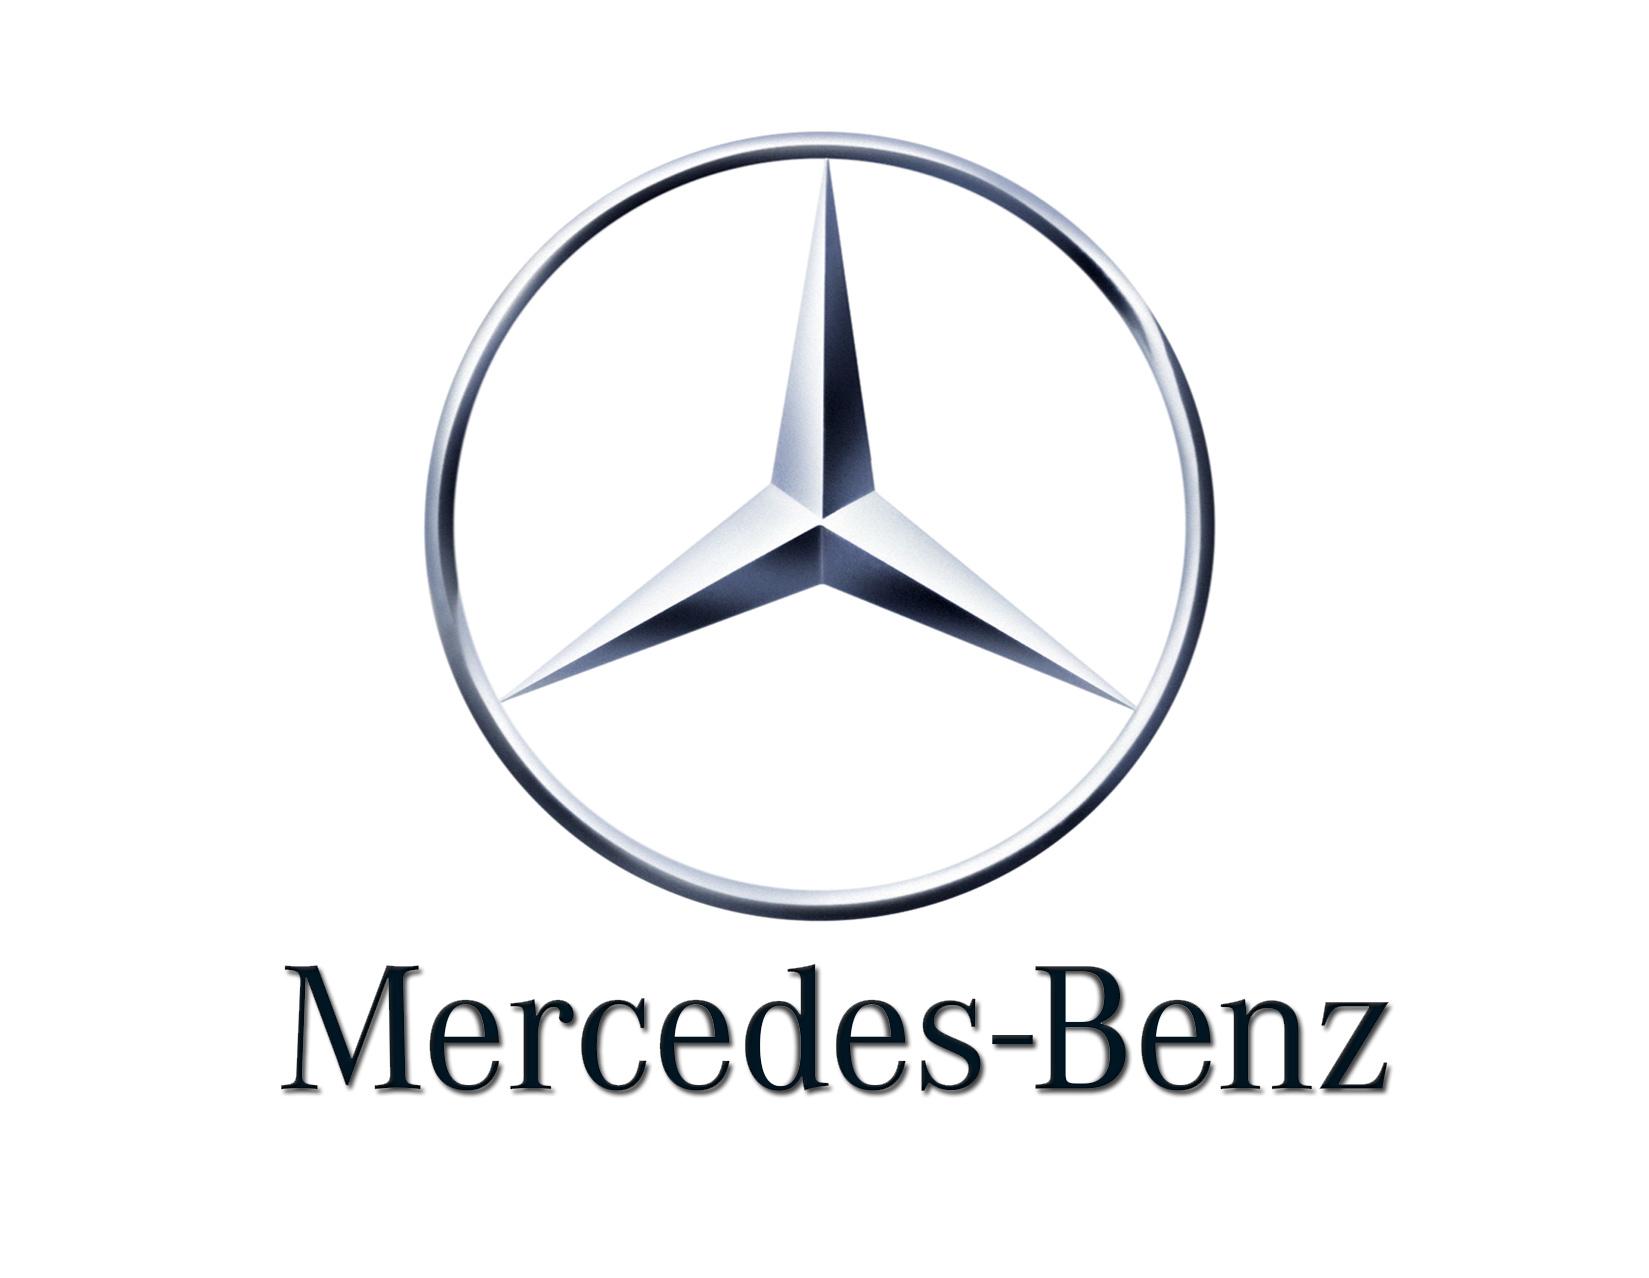 Mercedes-Benz Portugal, SA